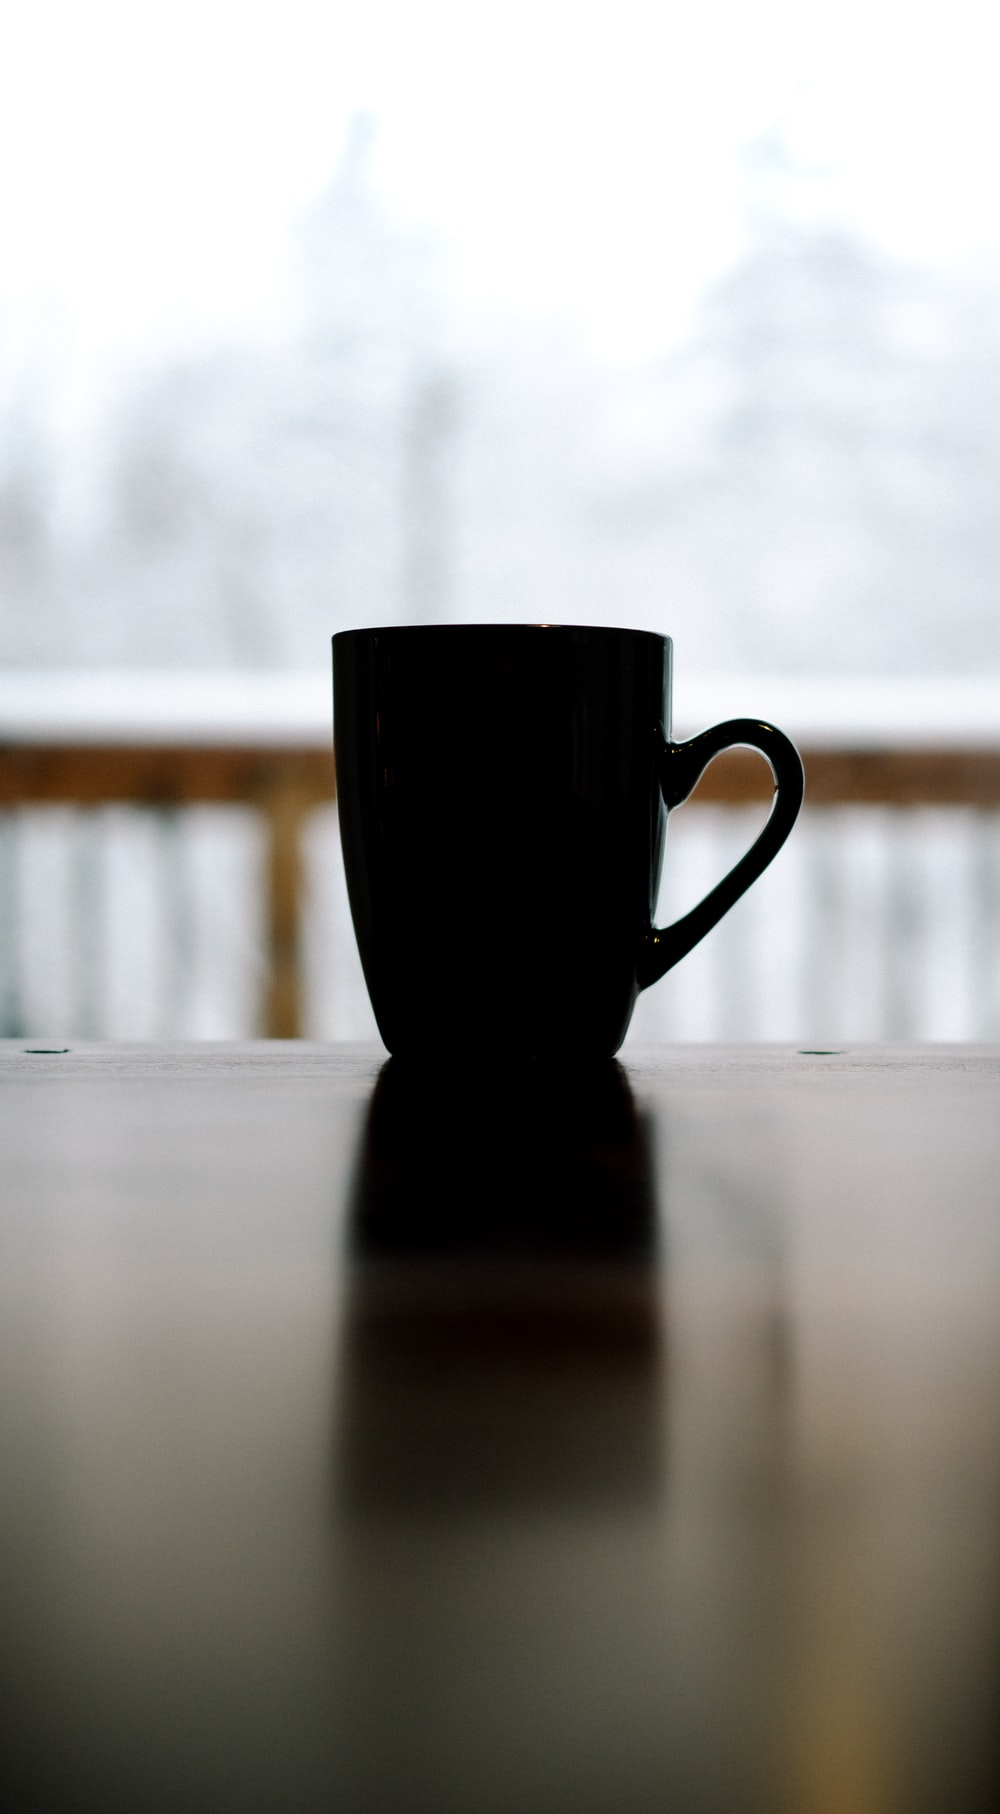 black ceramic mug on top of table